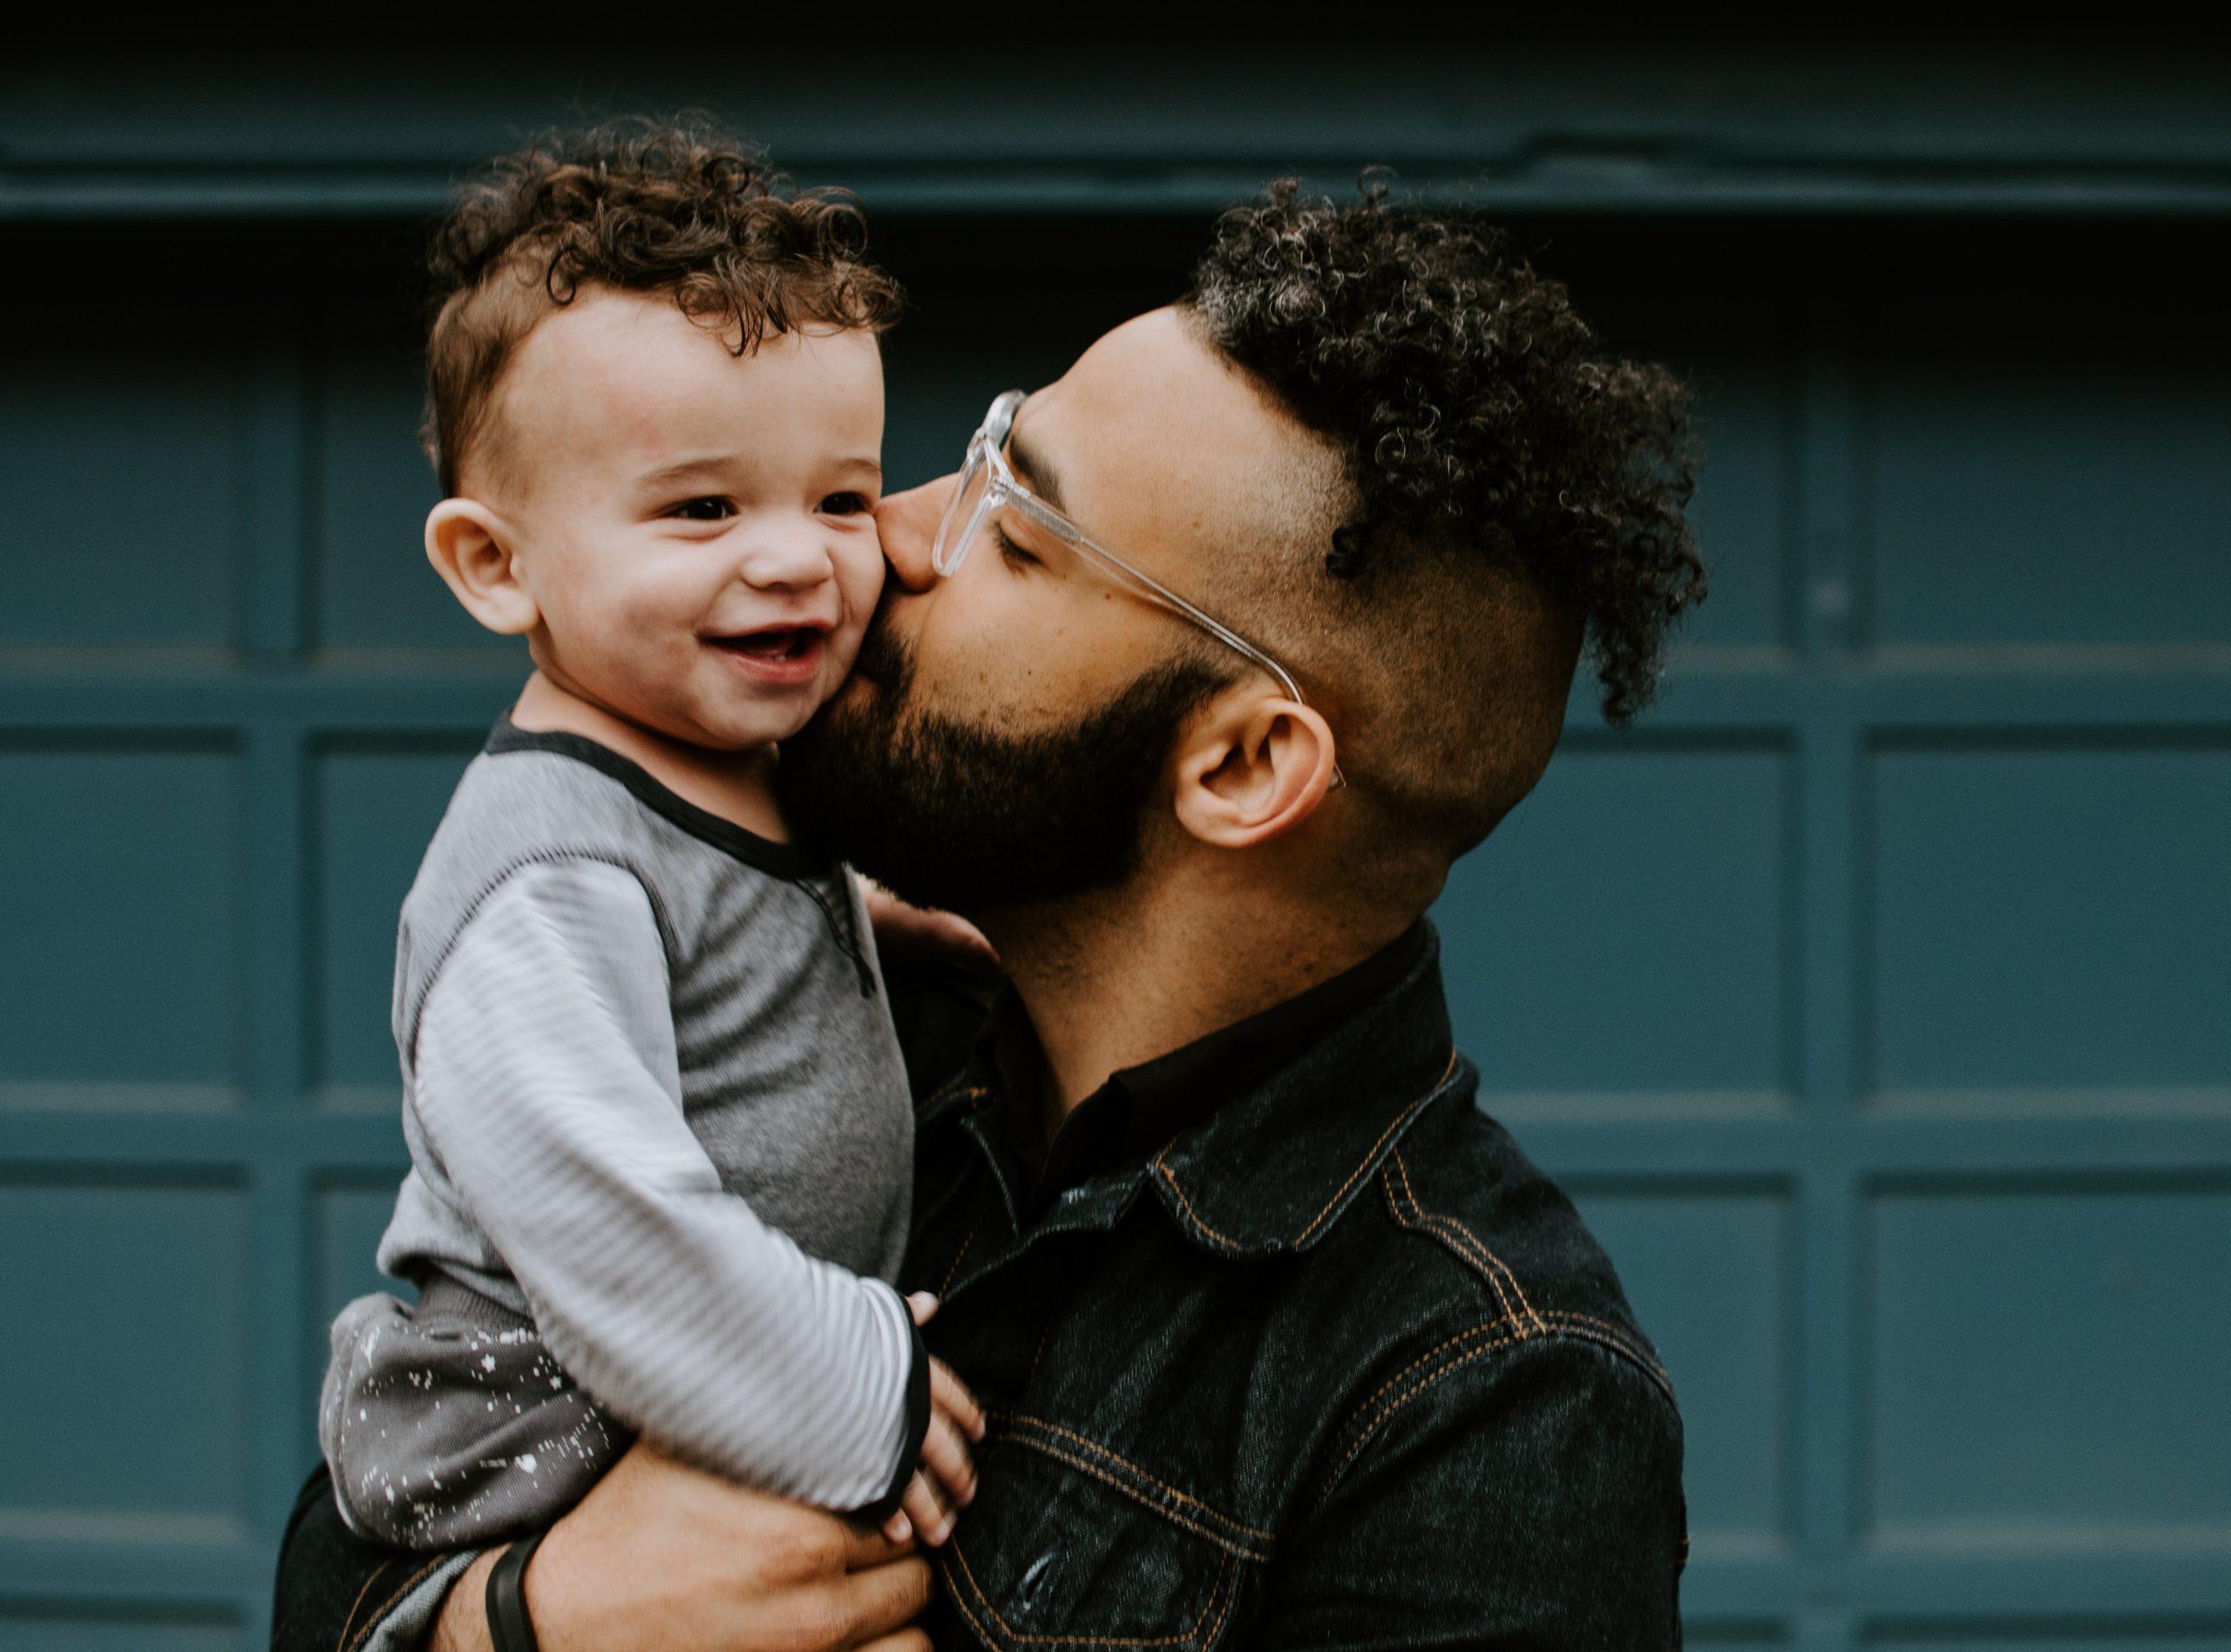 Tennessee pode dar ao pai o poder de veto sobre aborto